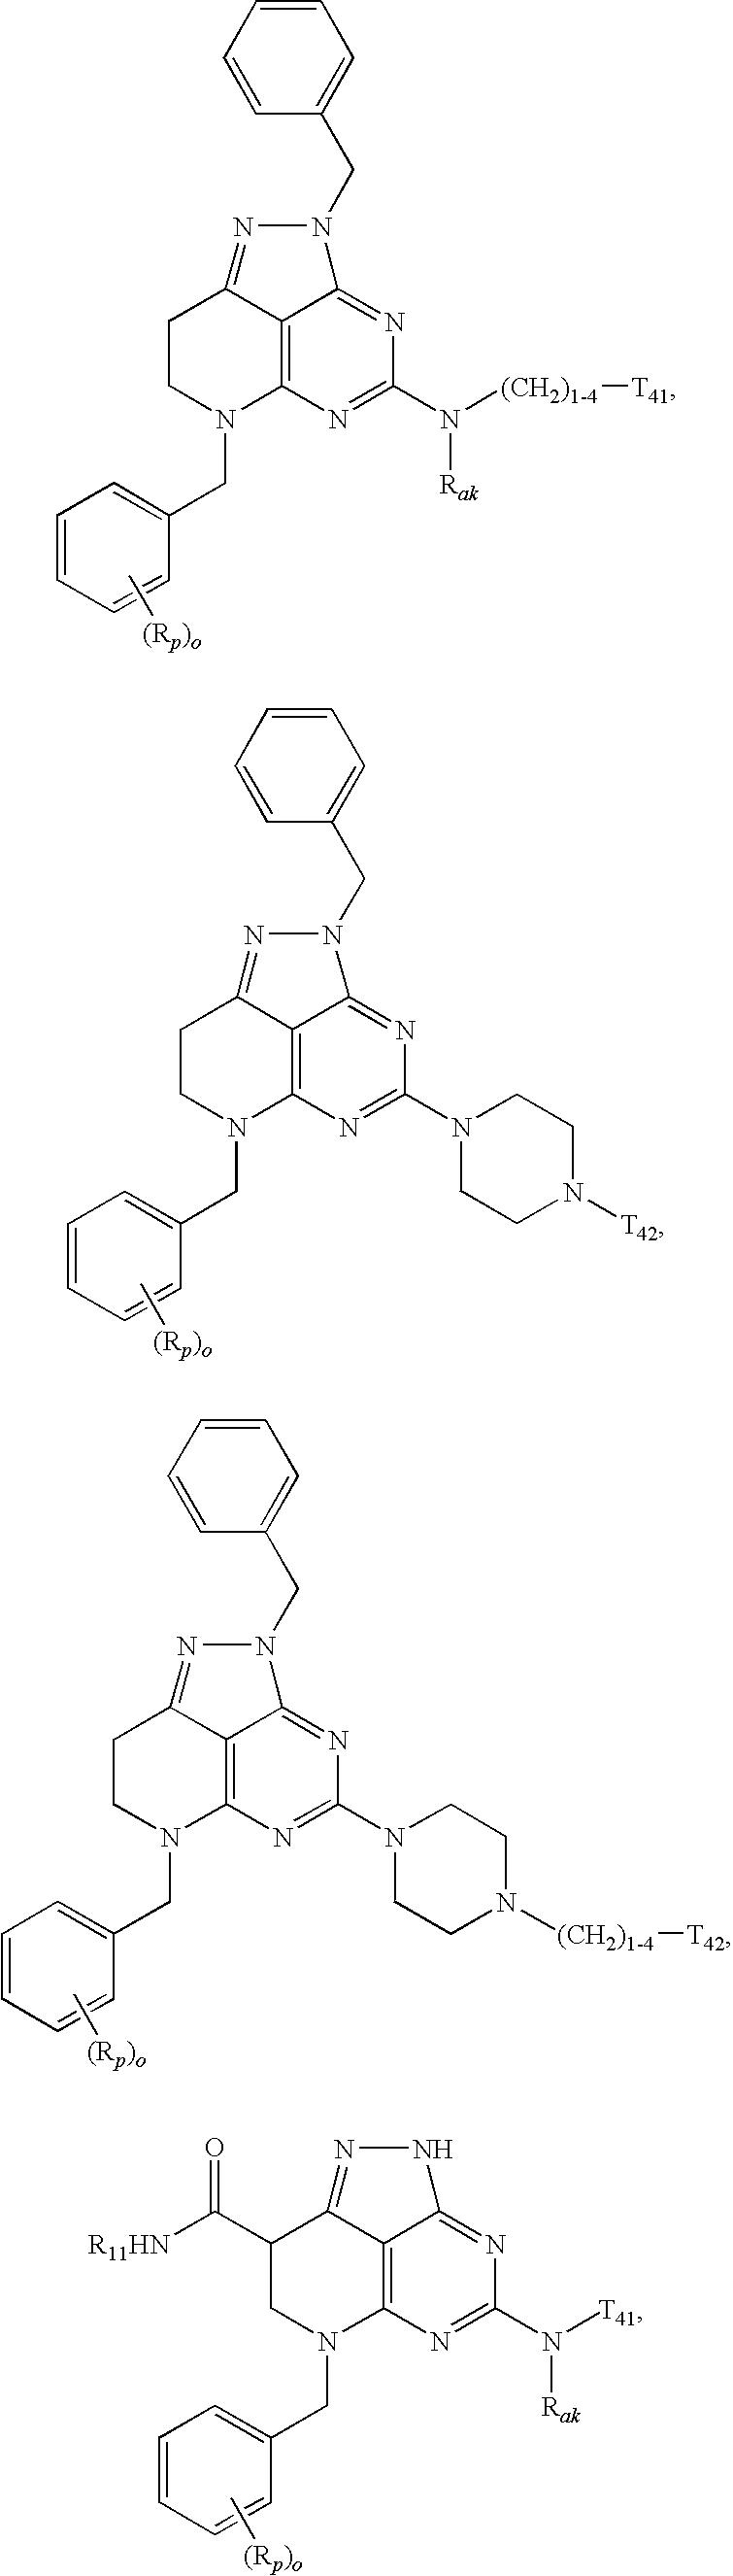 Figure US08343983-20130101-C00010